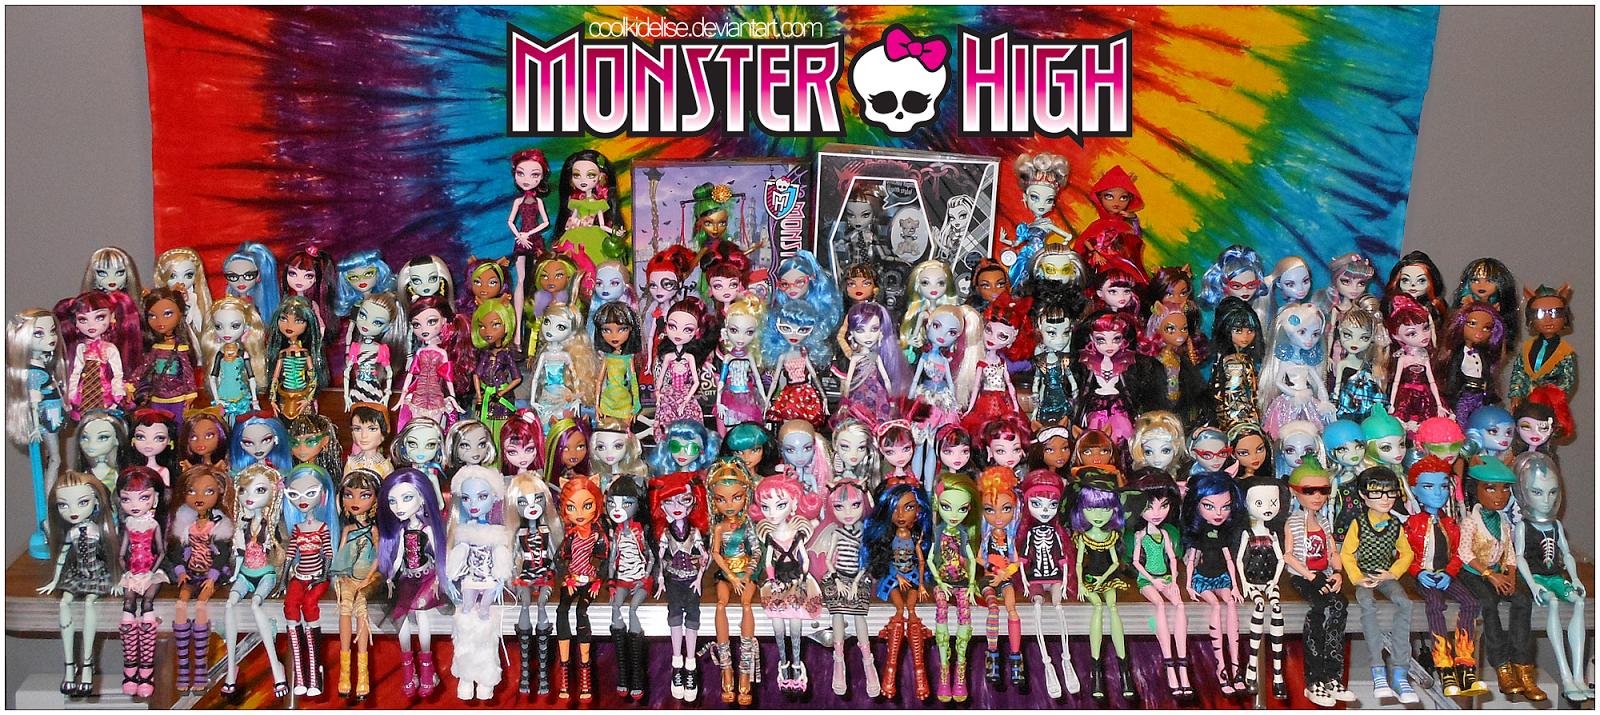 Monsterhigh505 collection de poup e - Toutes les monster high ...